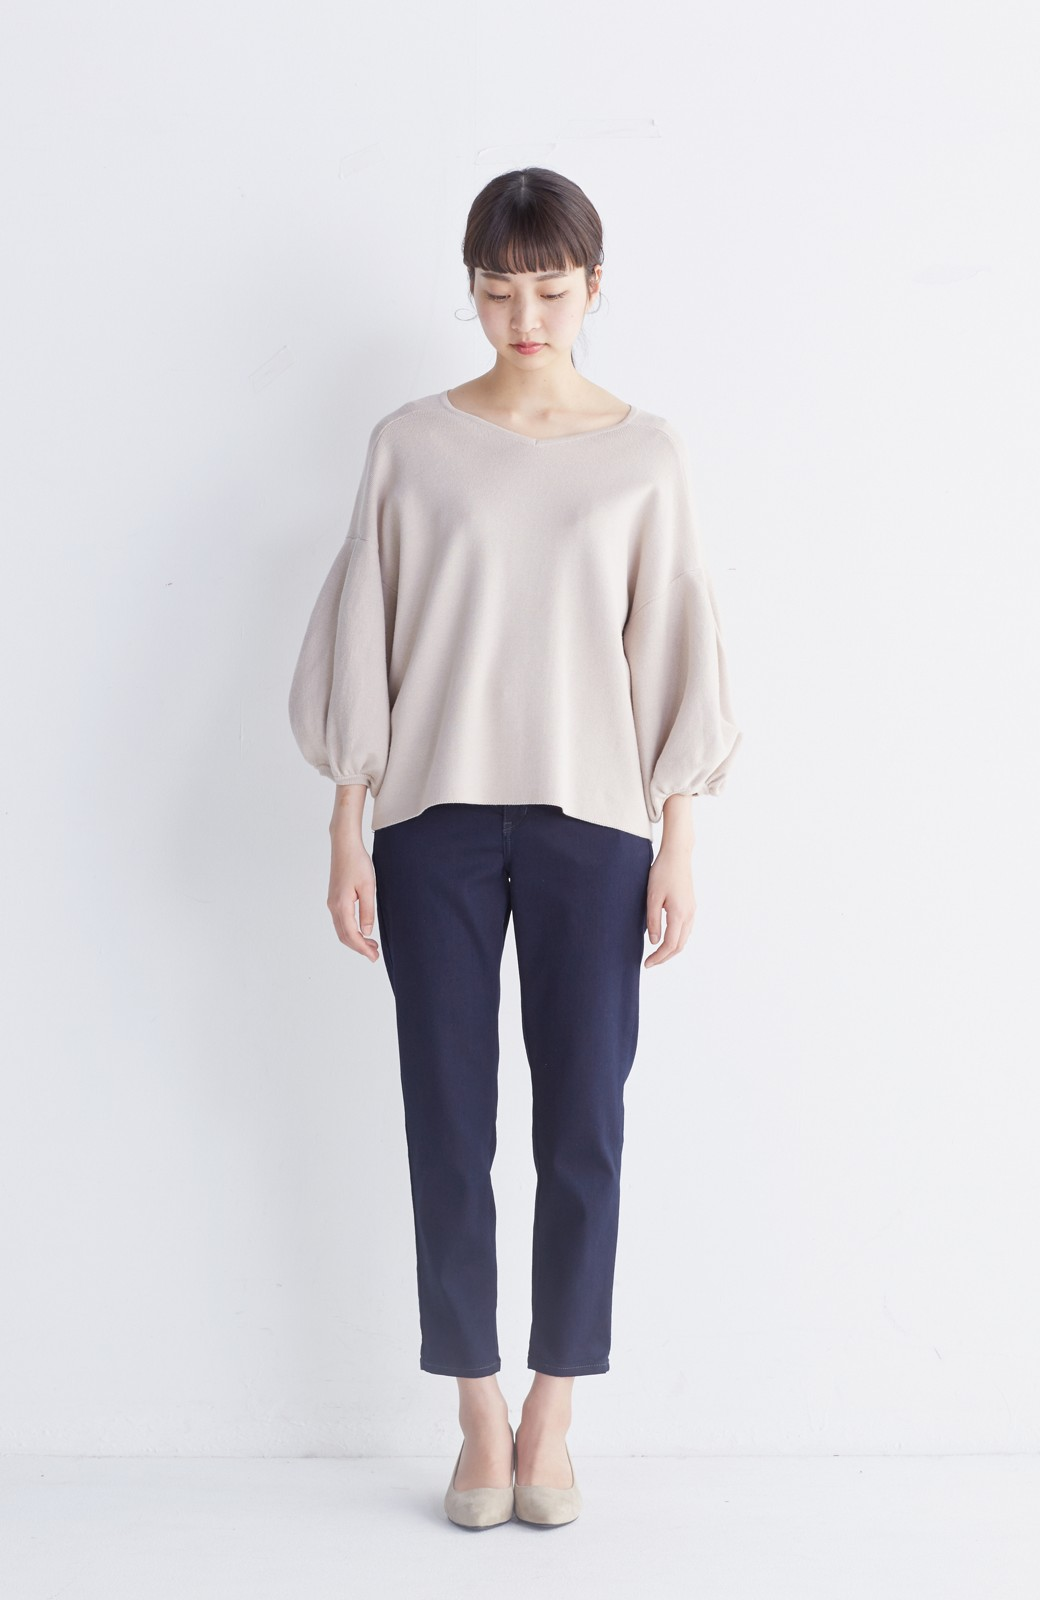 エムトロワ パッと着るだけで上品&今気分 きれいめ総針編みのぷっくり袖ニット <ベージュ>の商品写真6